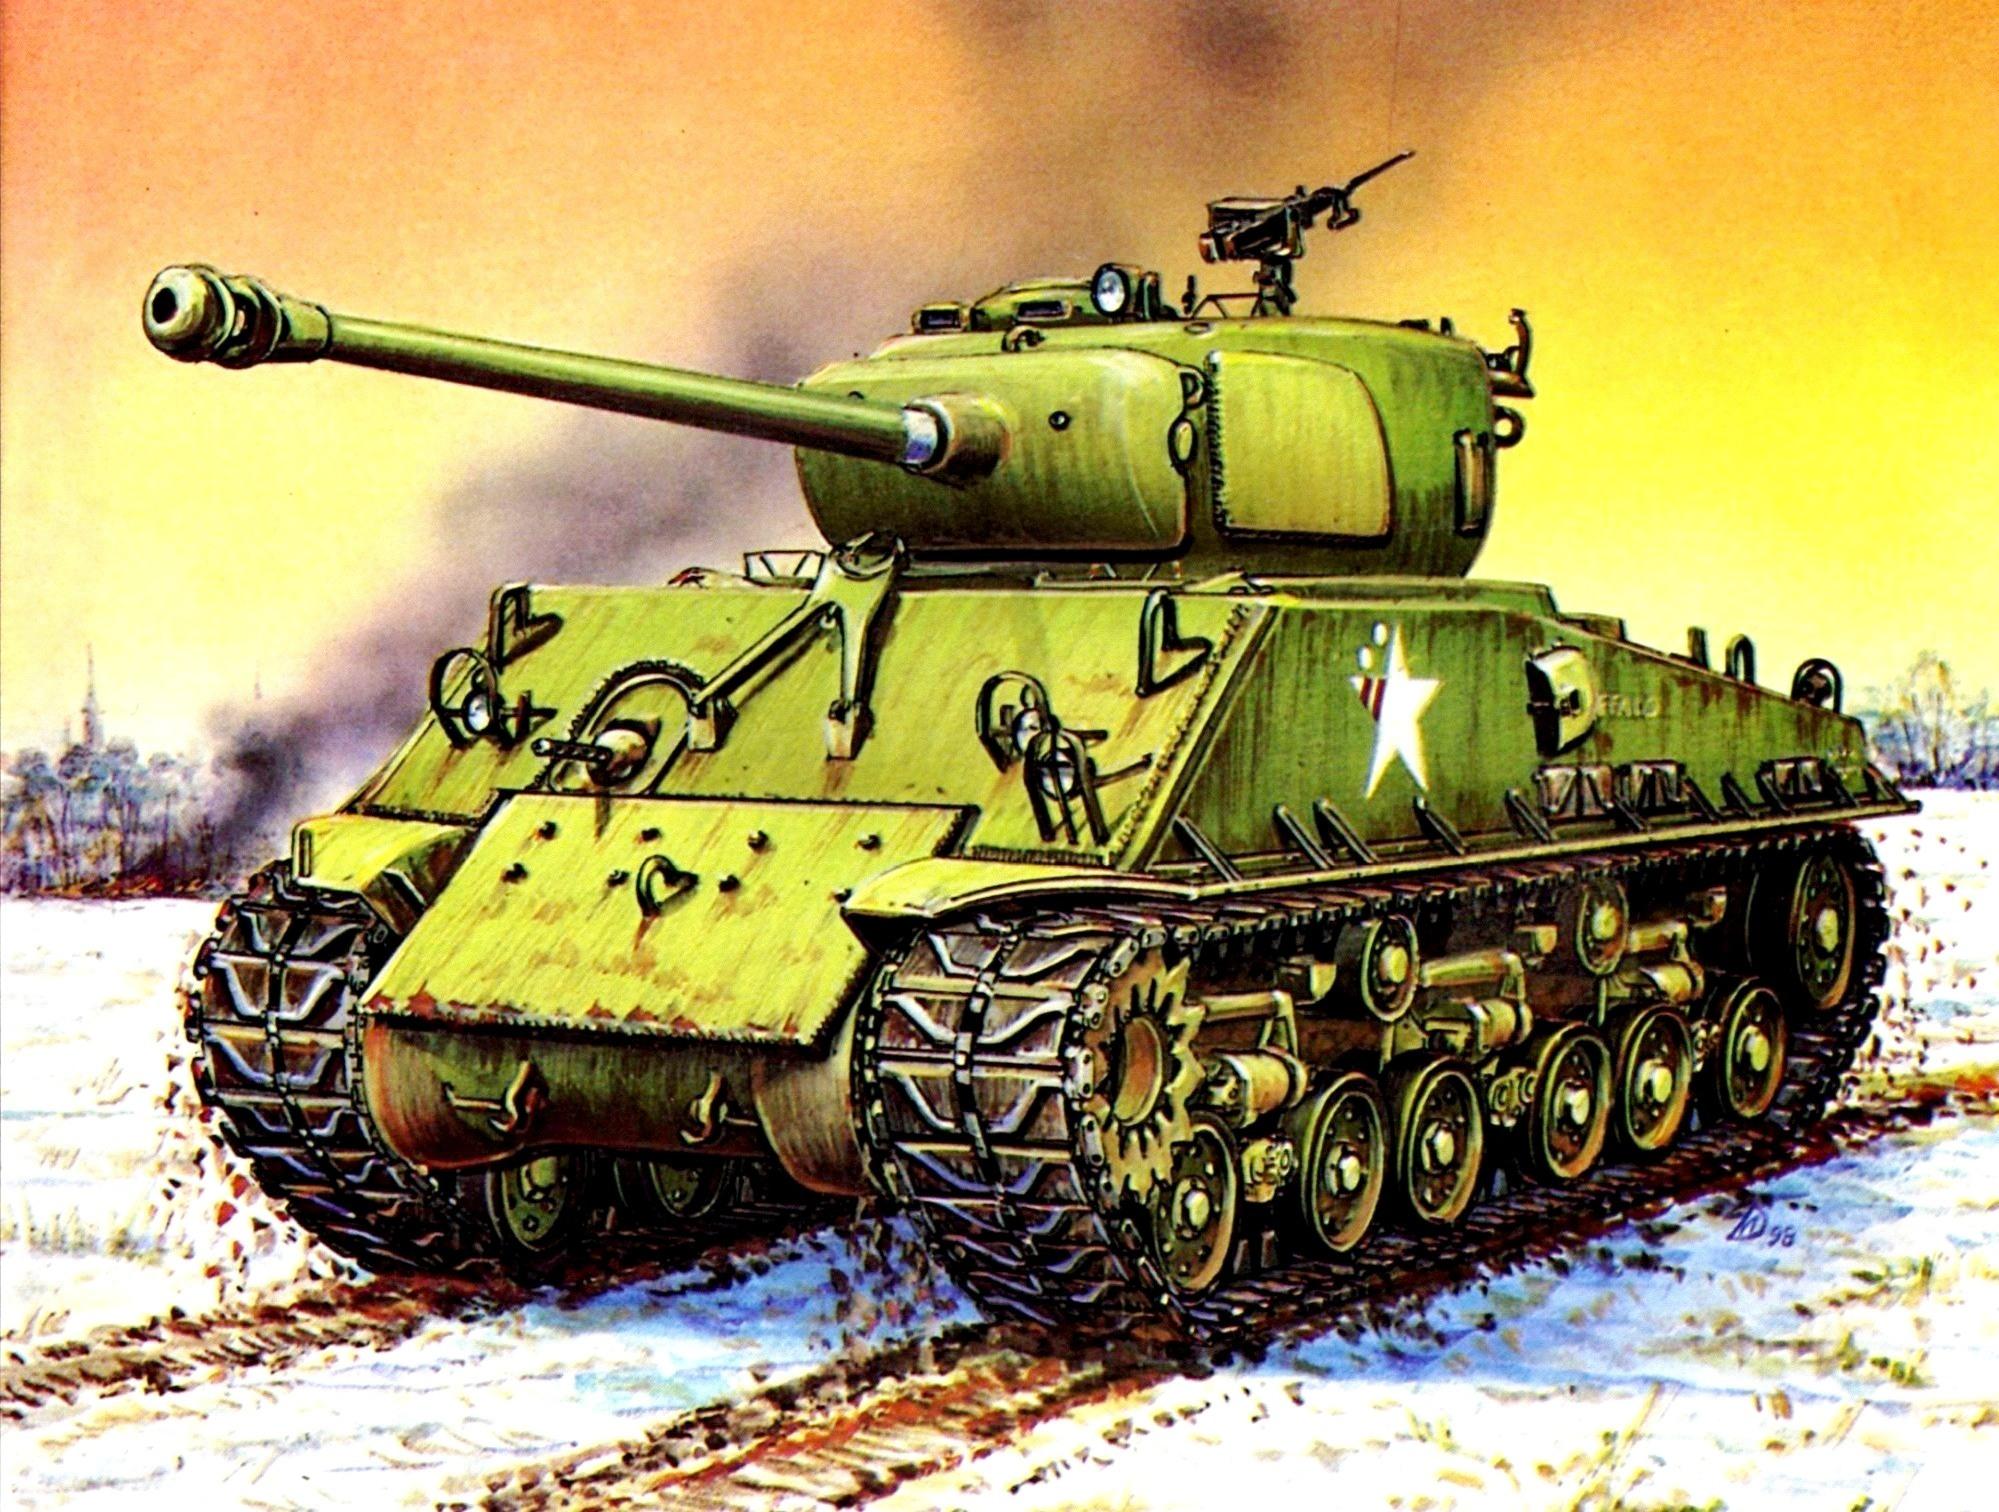 россии танк фото рисунок можете загрузить